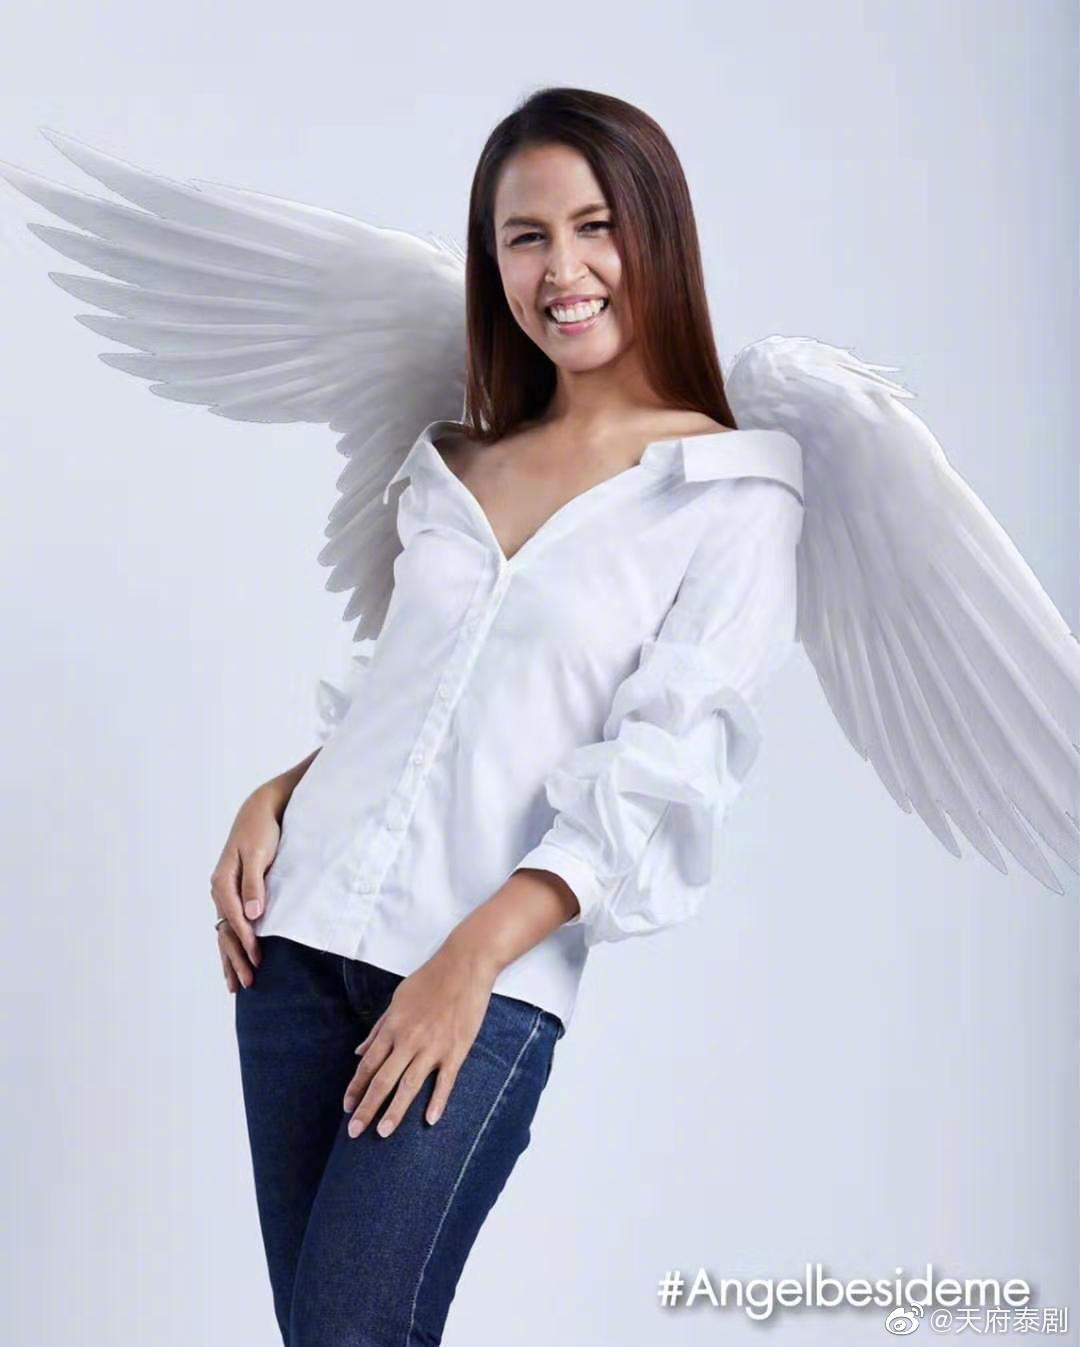 《天使在身边》的剧照10